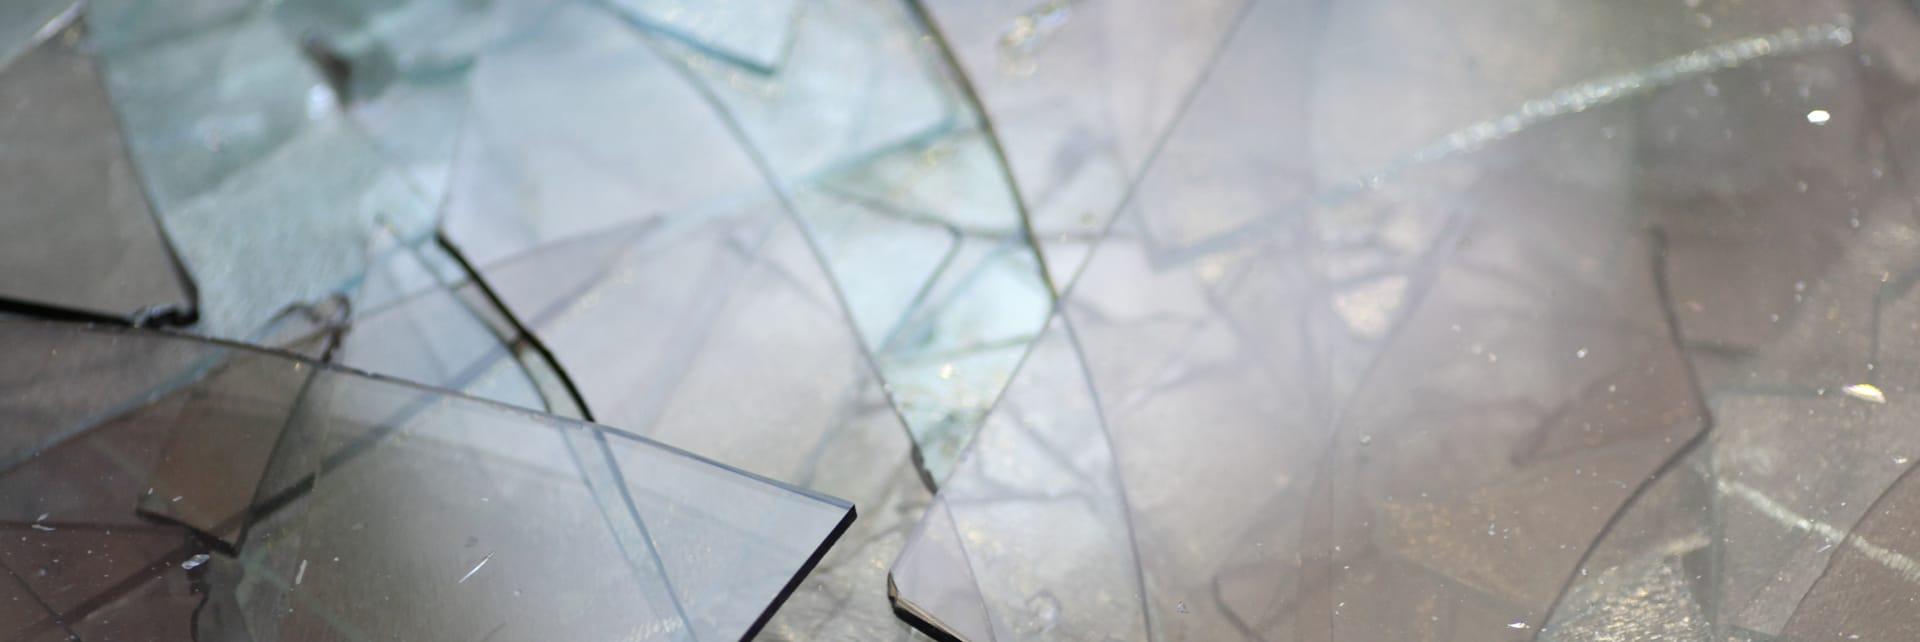 Glas Spiegel Altenkirchen glasspiegel altenkirchen reparaturverglasungen